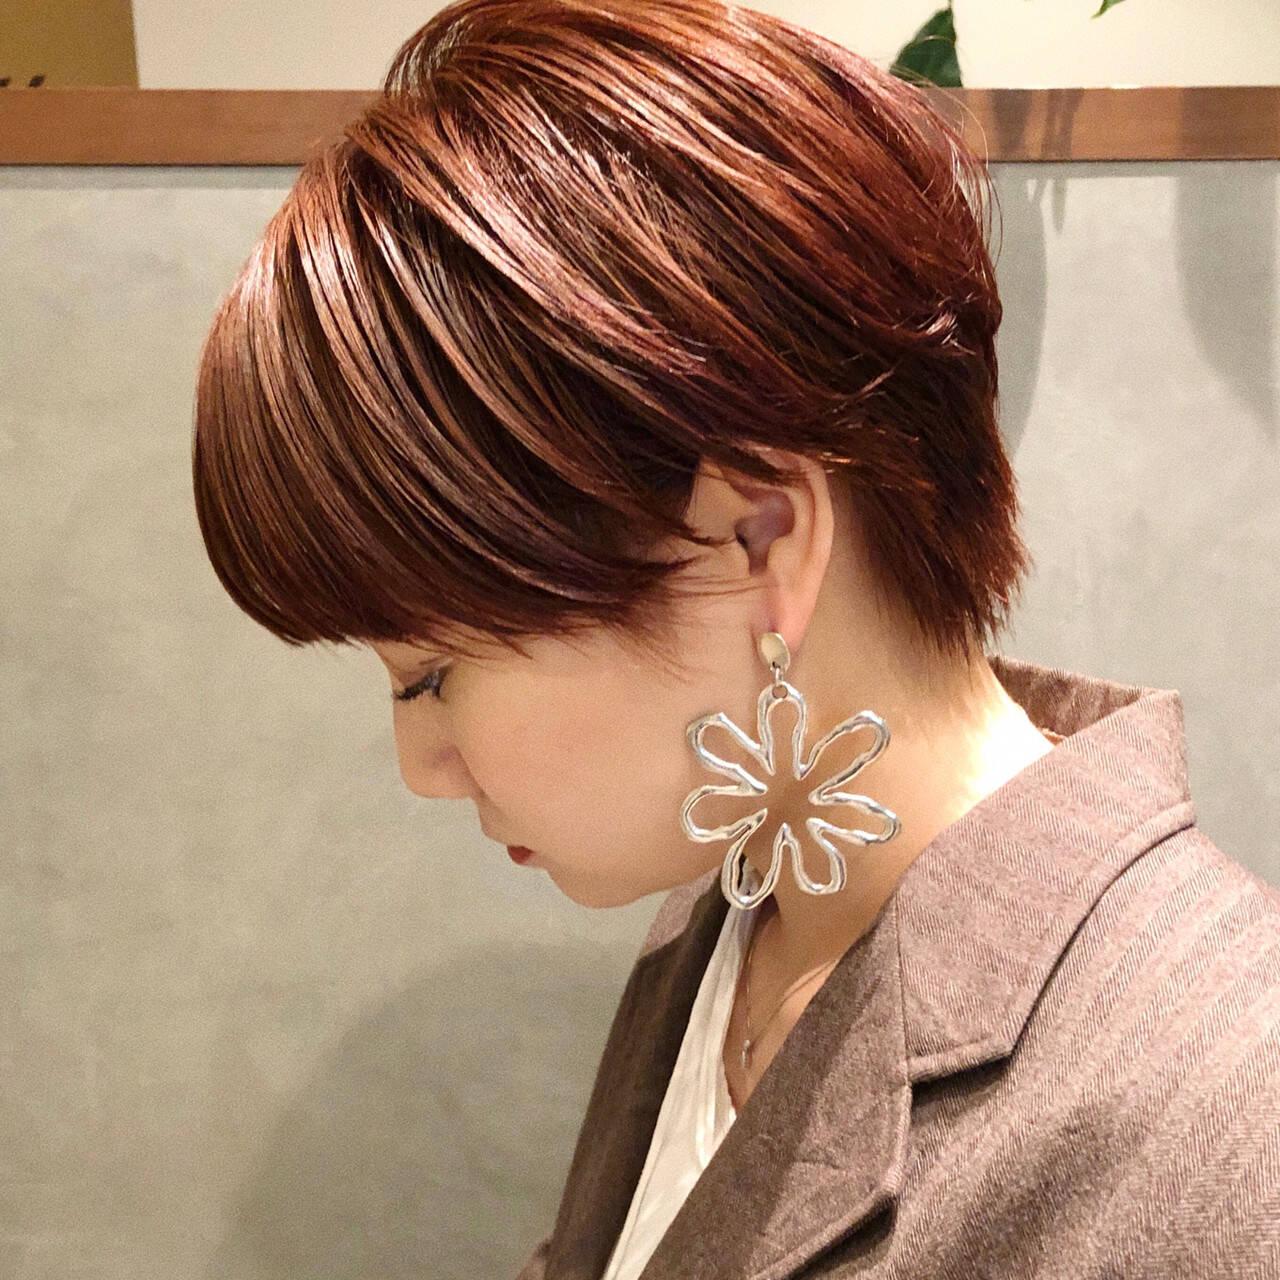 アプリコットオレンジ ベリーショート ショート ガーリーヘアスタイルや髪型の写真・画像